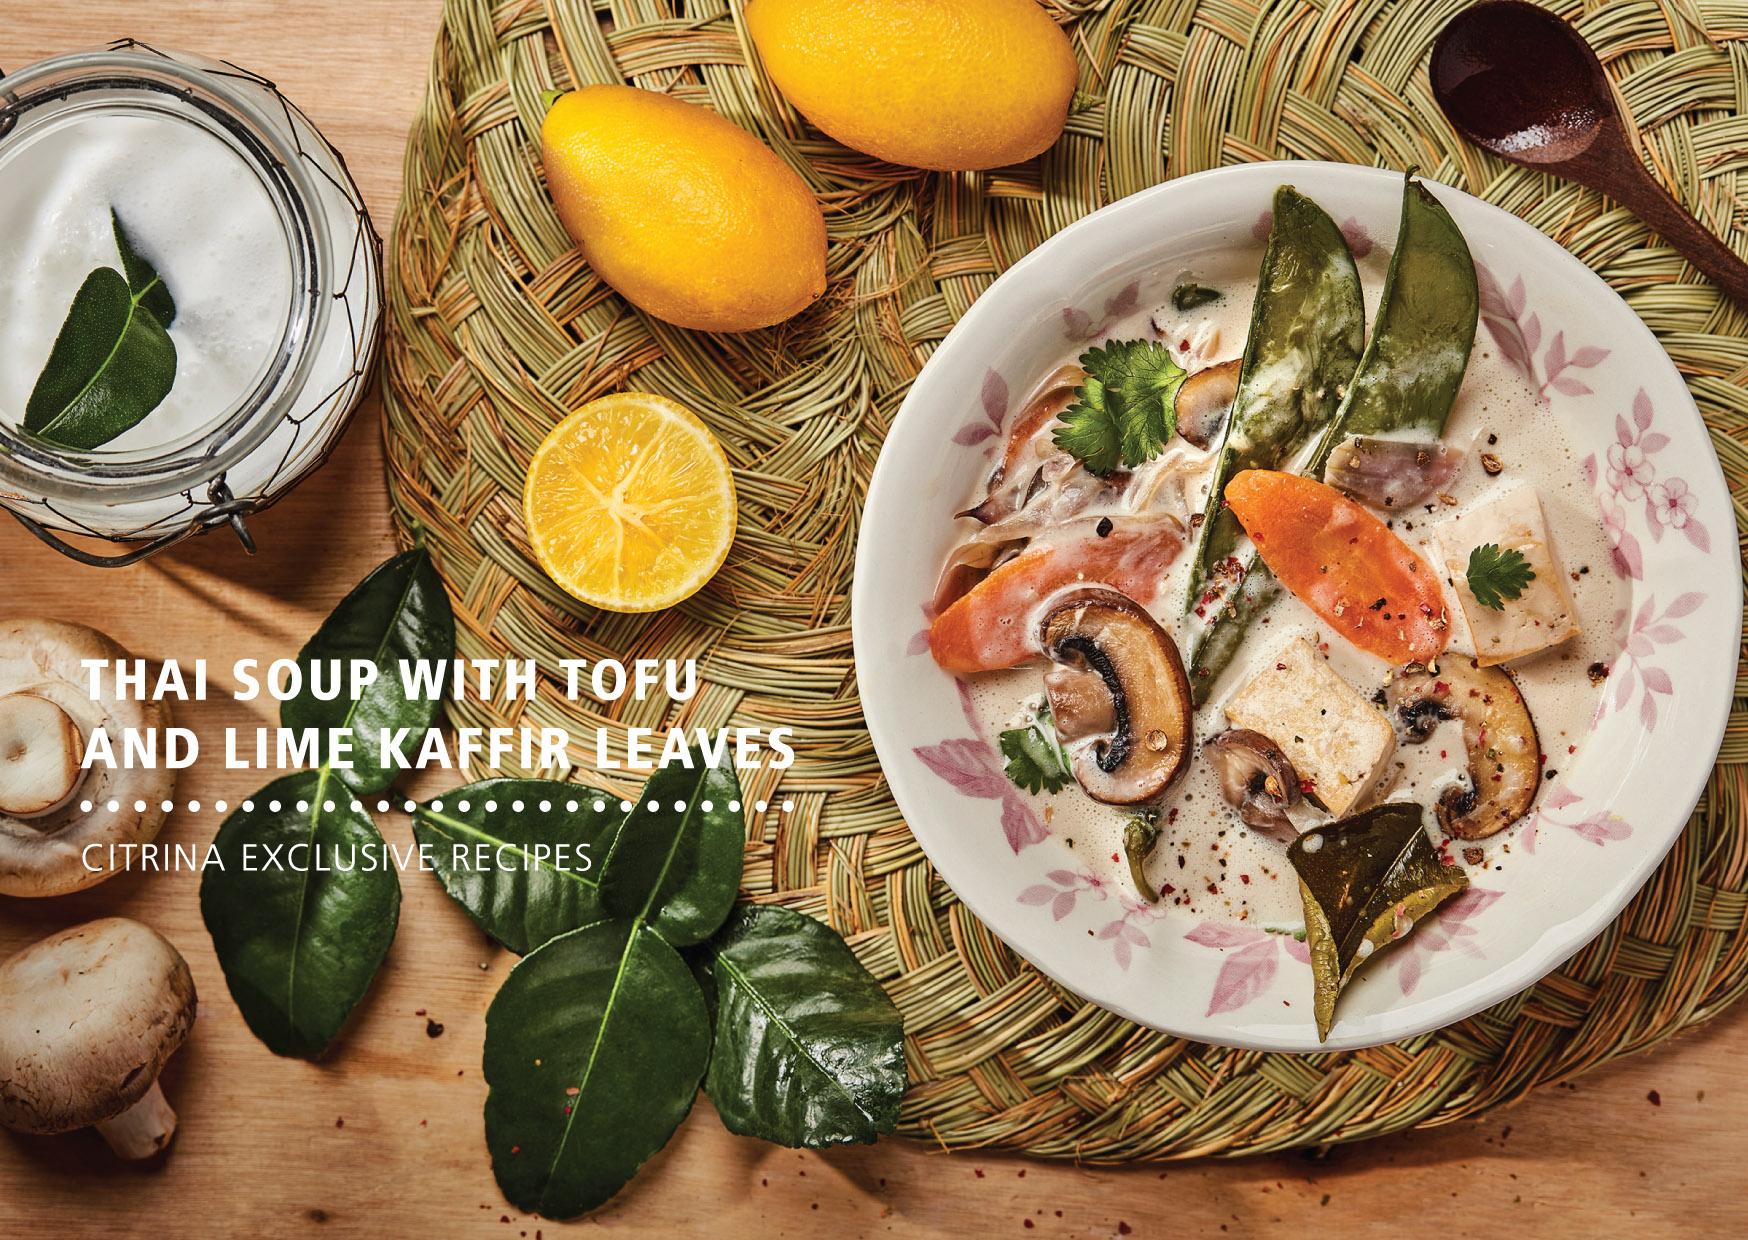 Lima Kaffir - Lamai Sopa Thai com Tofu e folhas de Lima Kaffir